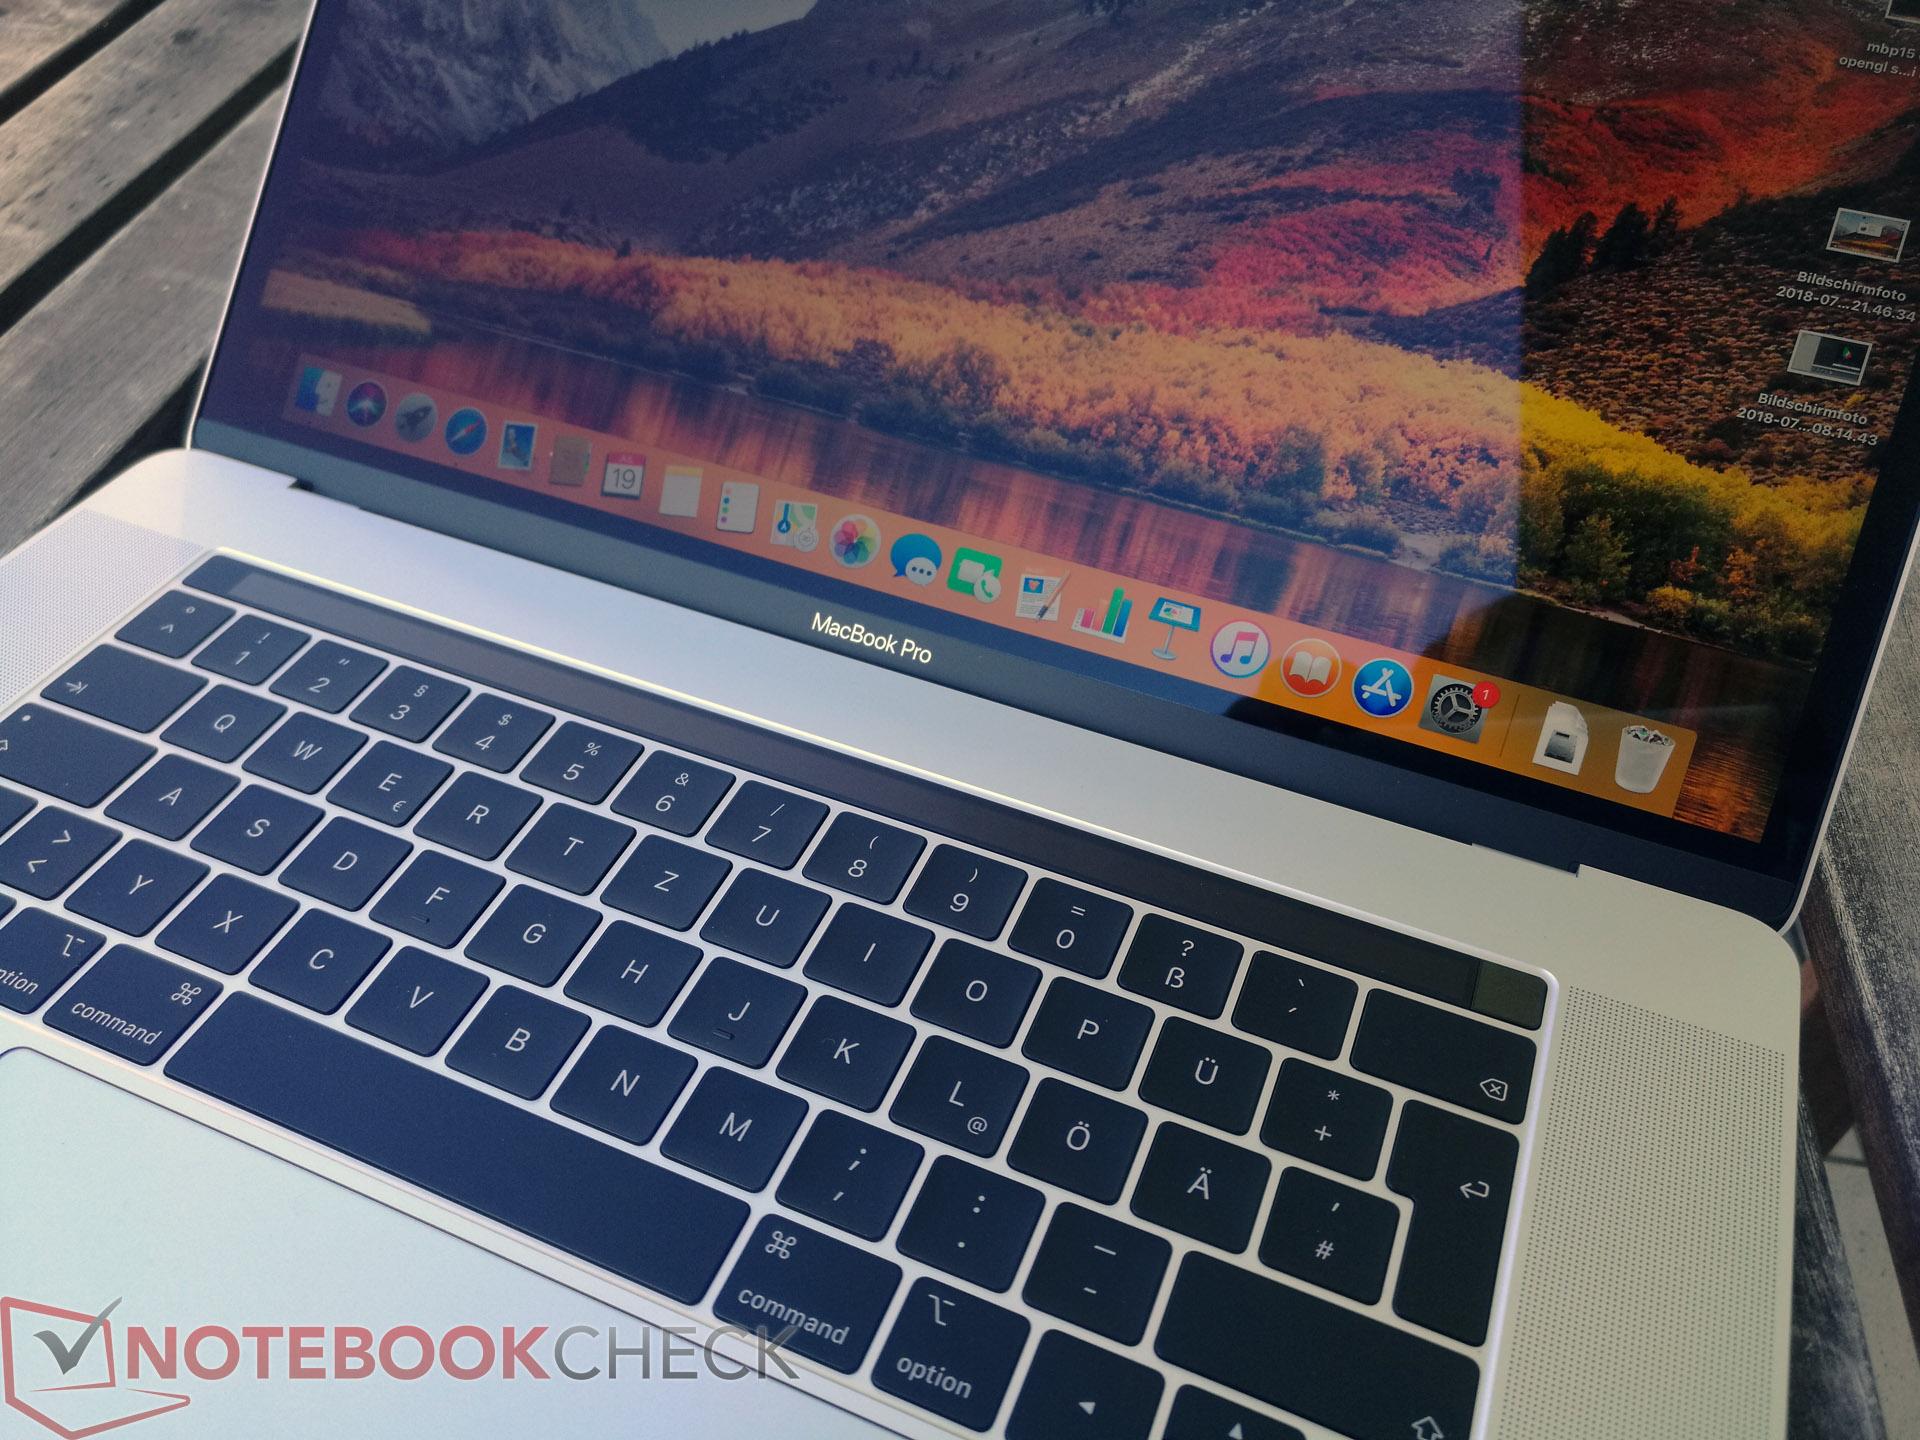 Apple MacBook Pro 15 2018 (2 6 GHz, 560X) Laptop Review